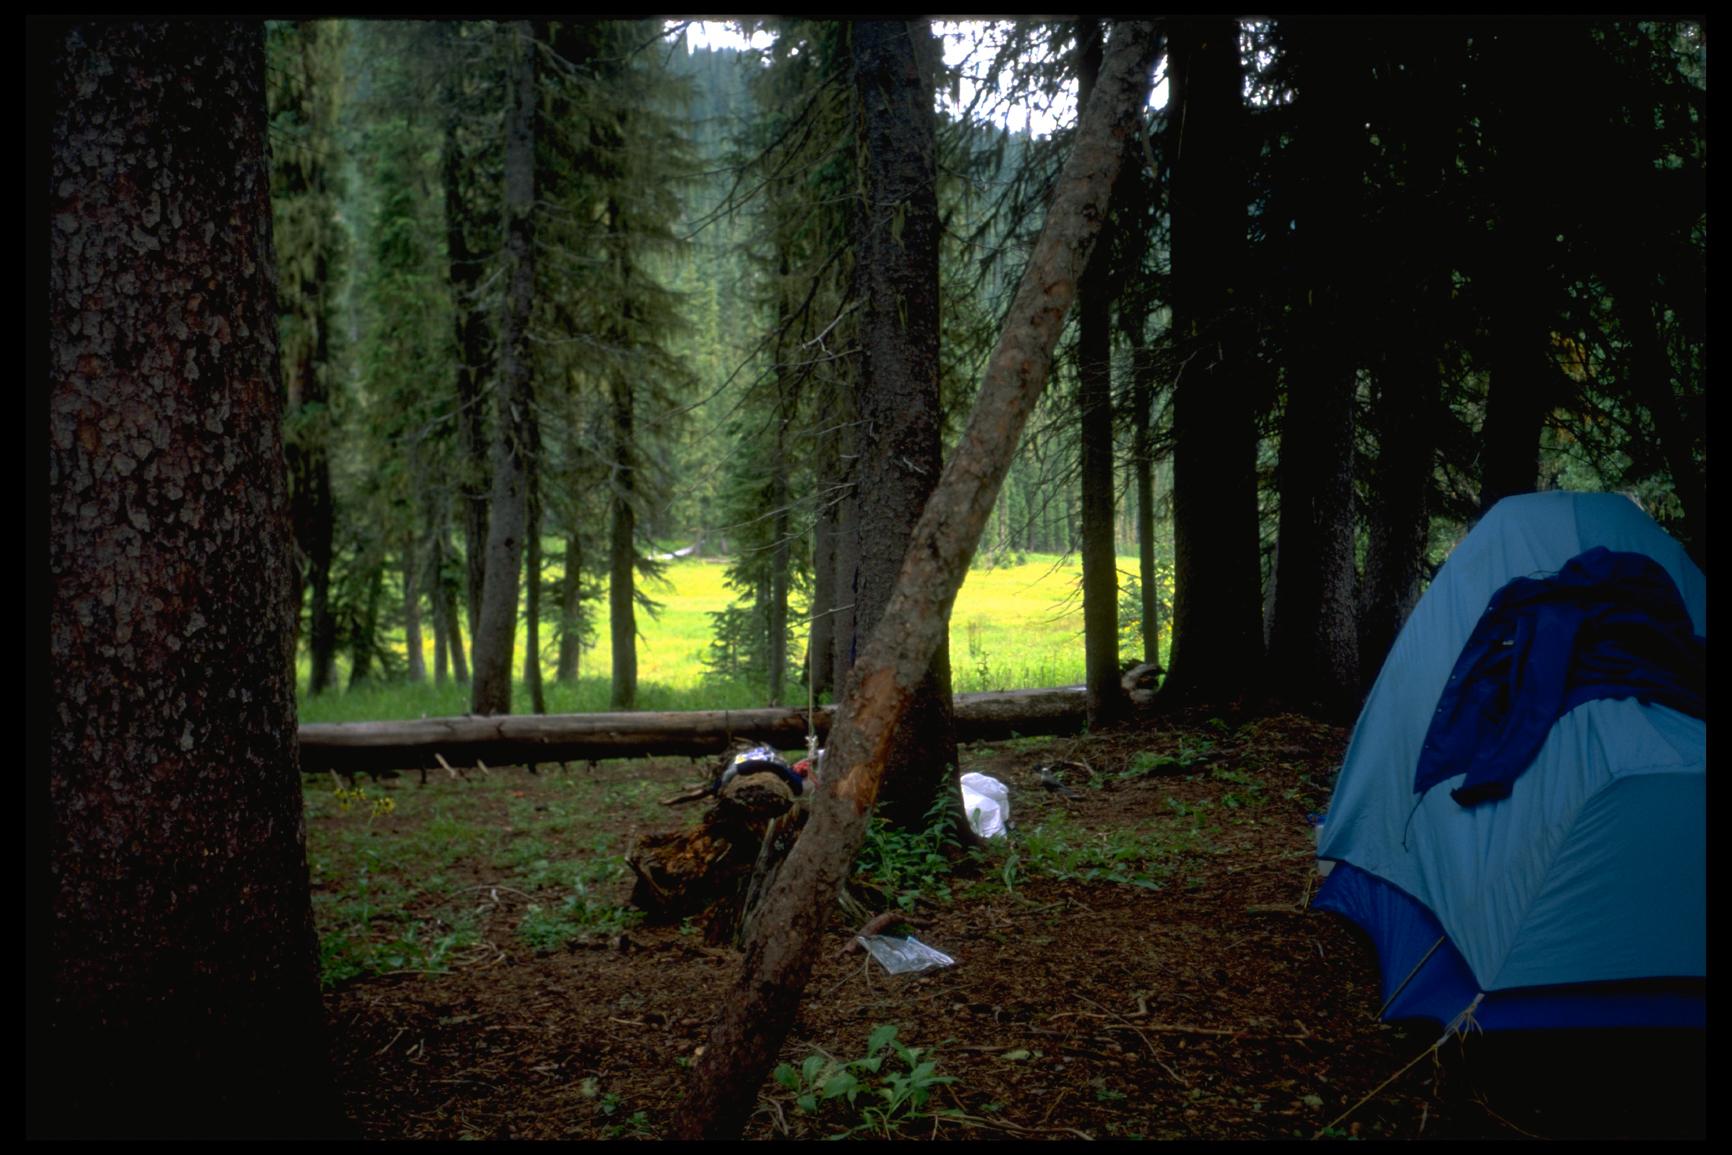 Sierra Designs Clip Flashlight, Weminuche Wilderness, Colorado, ca. 1997